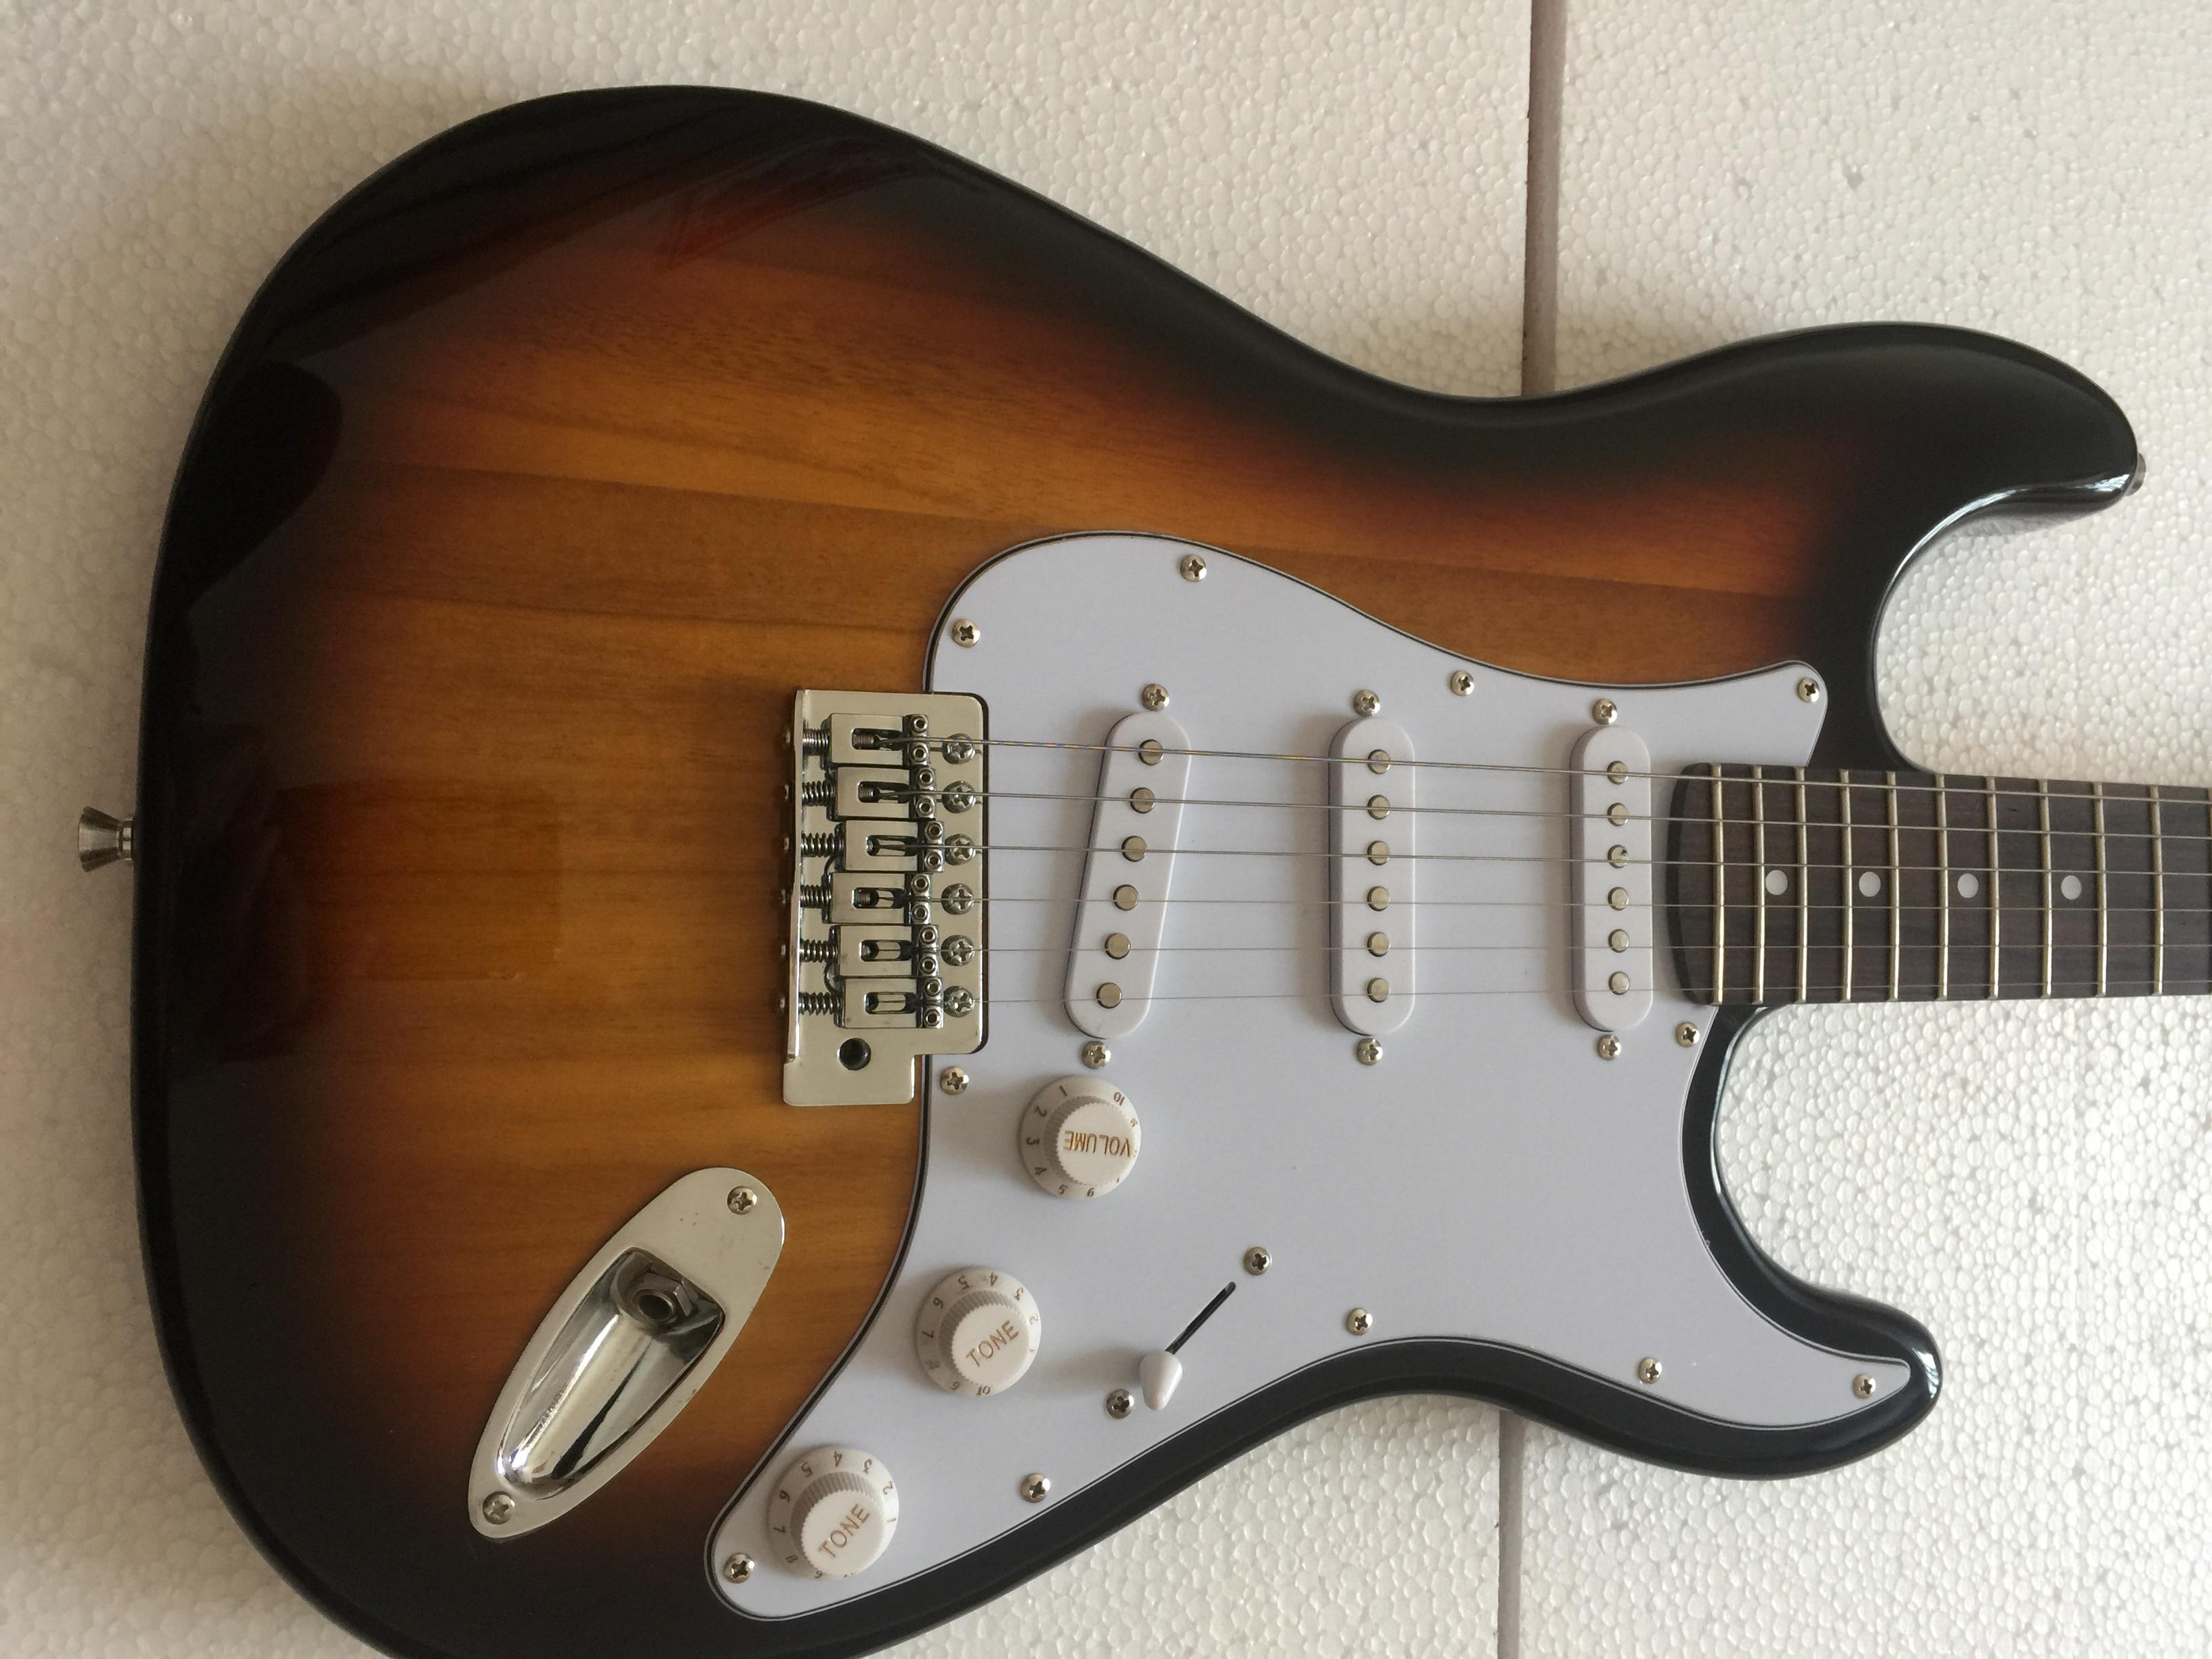 Guitare électrique/coucher de soleil Tung bois haute qualité guitare/Anmiuyue guitare électrique chinoise personnalisable